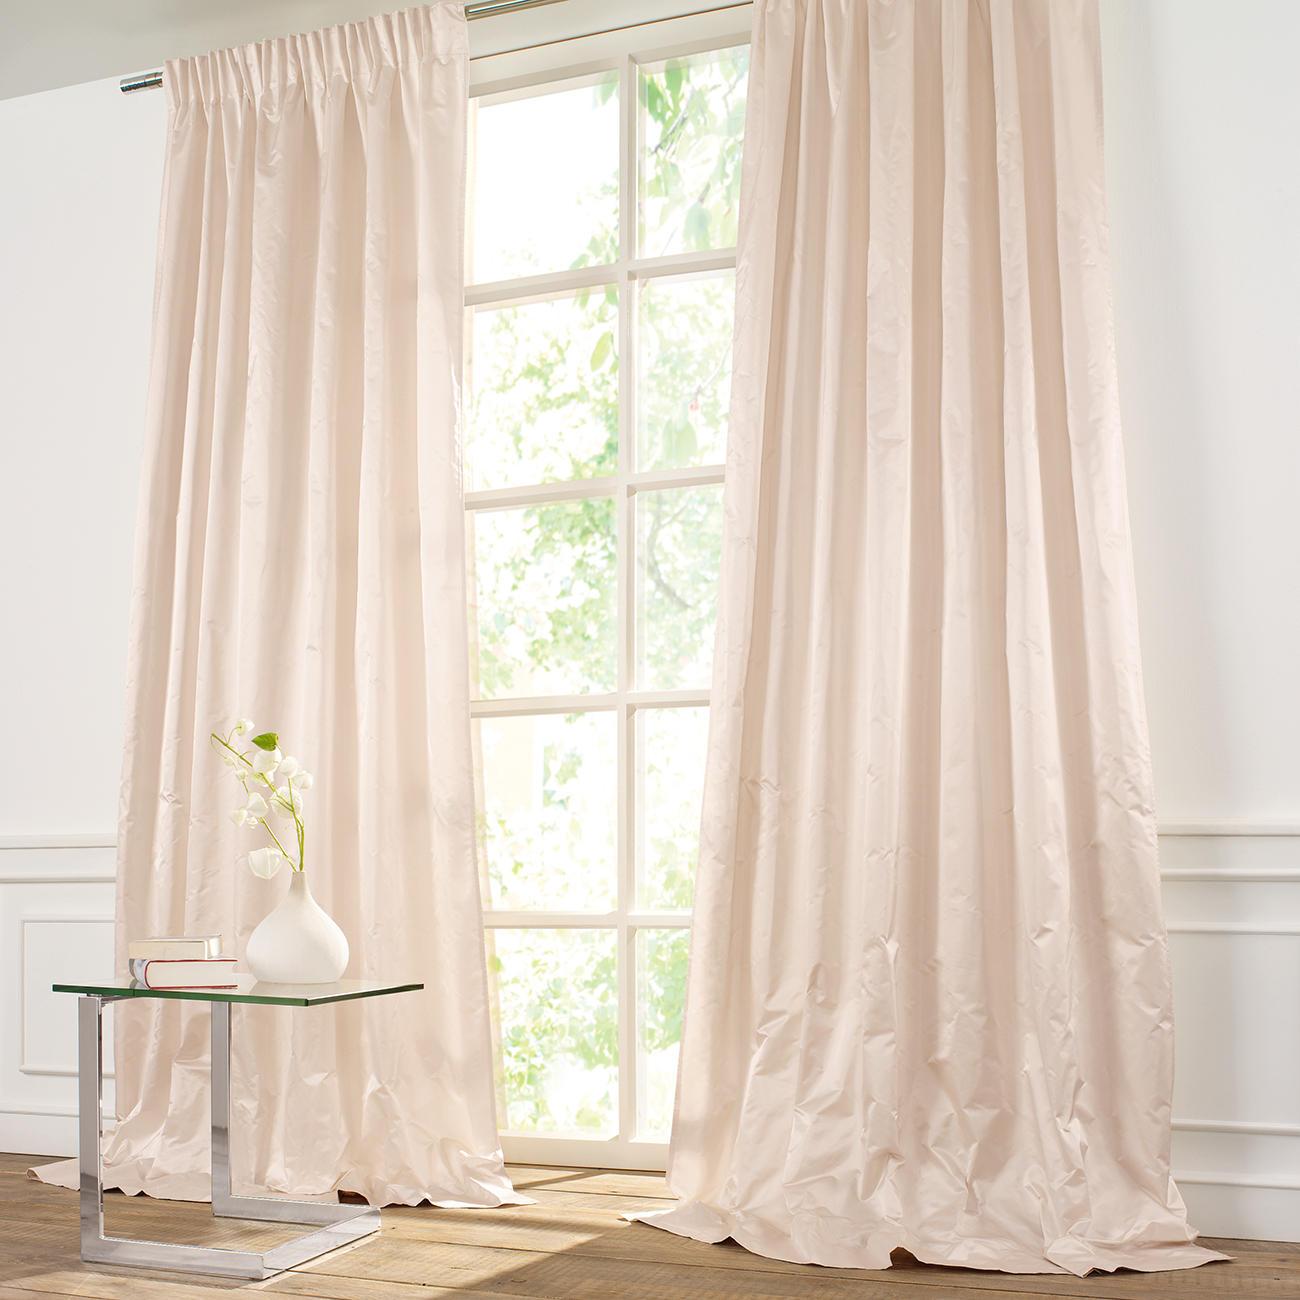 vorhang sonatine 1 vorhang mit 3 jahren garantie. Black Bedroom Furniture Sets. Home Design Ideas